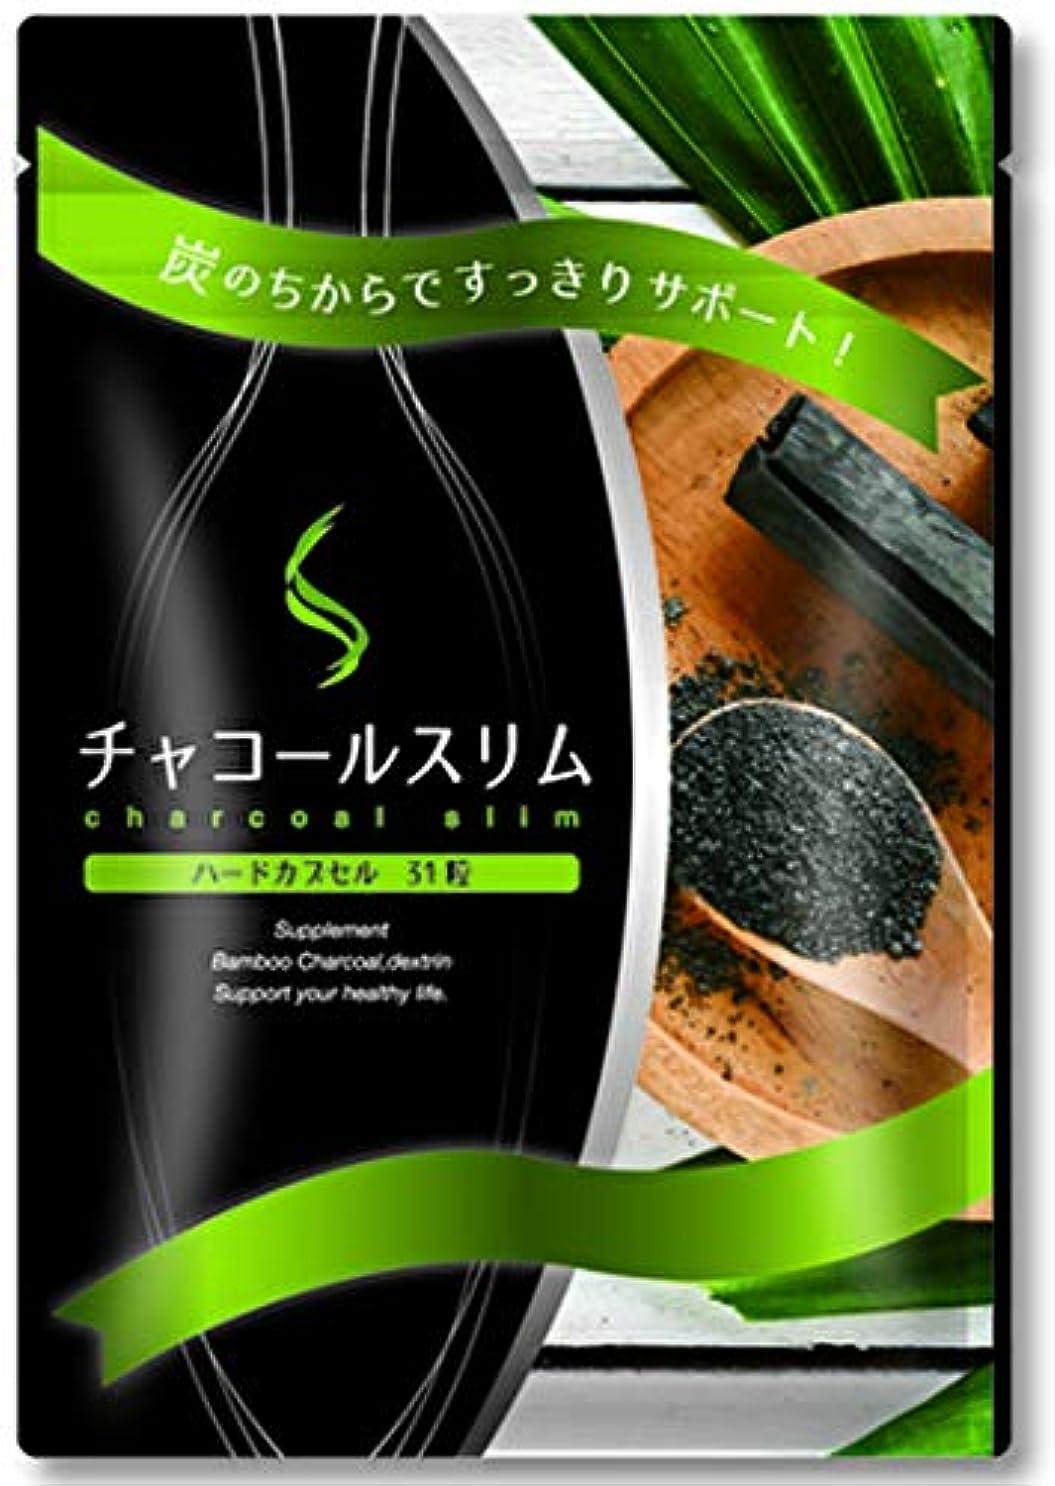 飛ぶ蒸気さまよう竹炭 チャコールスリム (31粒) ダイエットサプリ 国産 竹炭 備長炭 チャコールダイエット